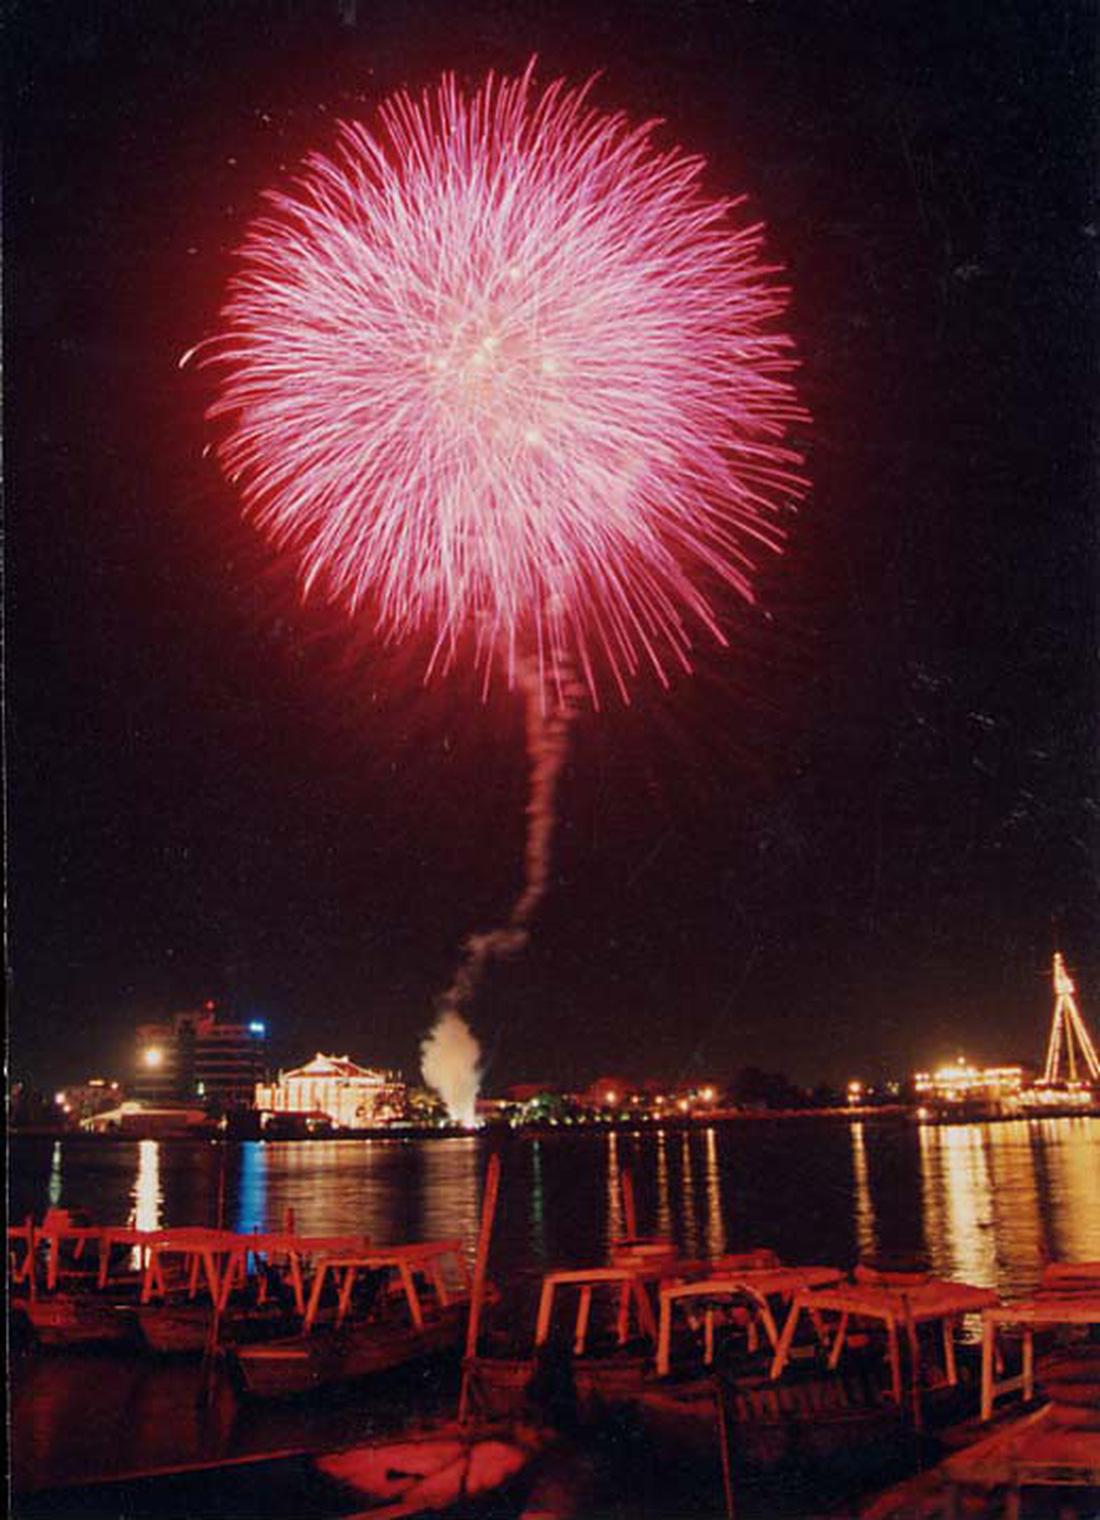 Bạn còn nhớ về pháo hoa ở Sài Gòn 20 năm qua? - Ảnh 2.